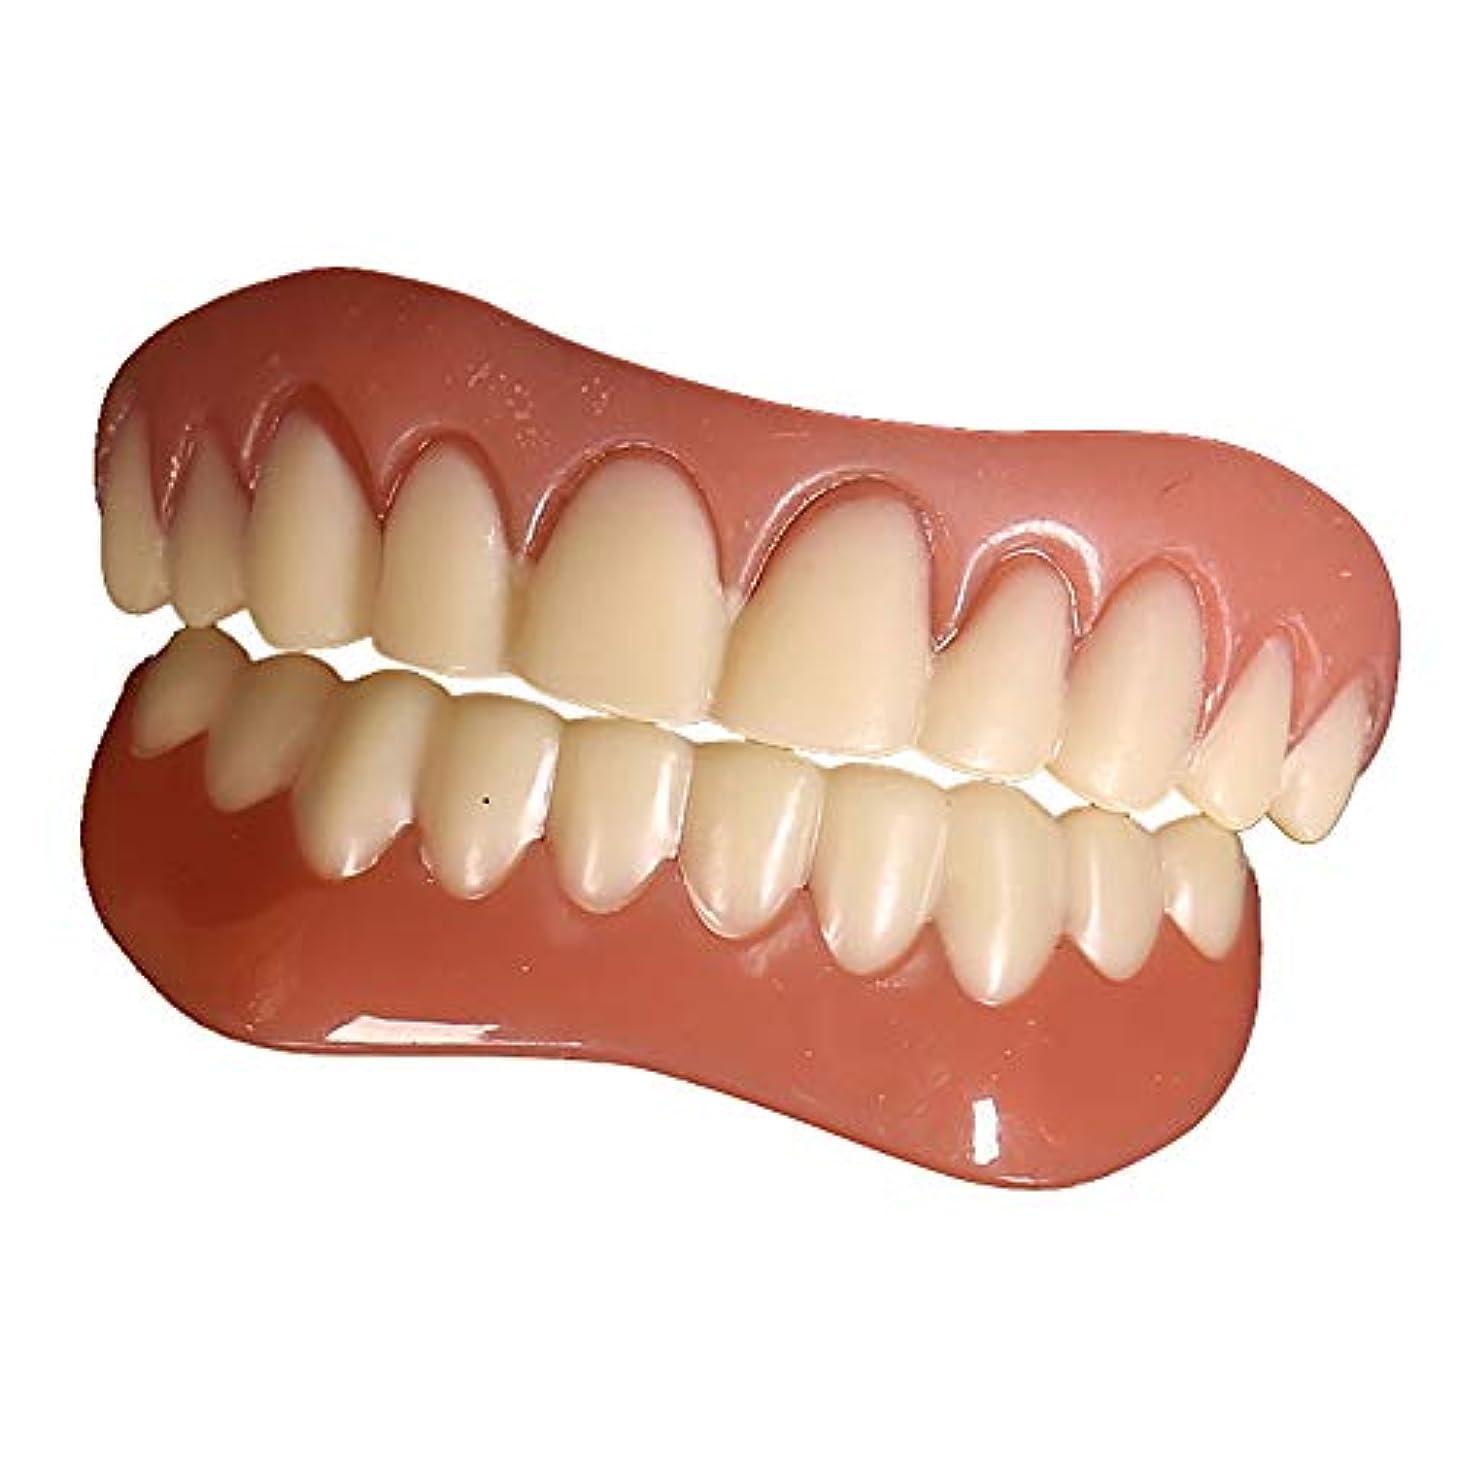 矩形ミス重くするパーフェクトインスタントスマイルティースベニヤインスタントビューティー2本入れ歯2本下歯(フリーサイズ(中))